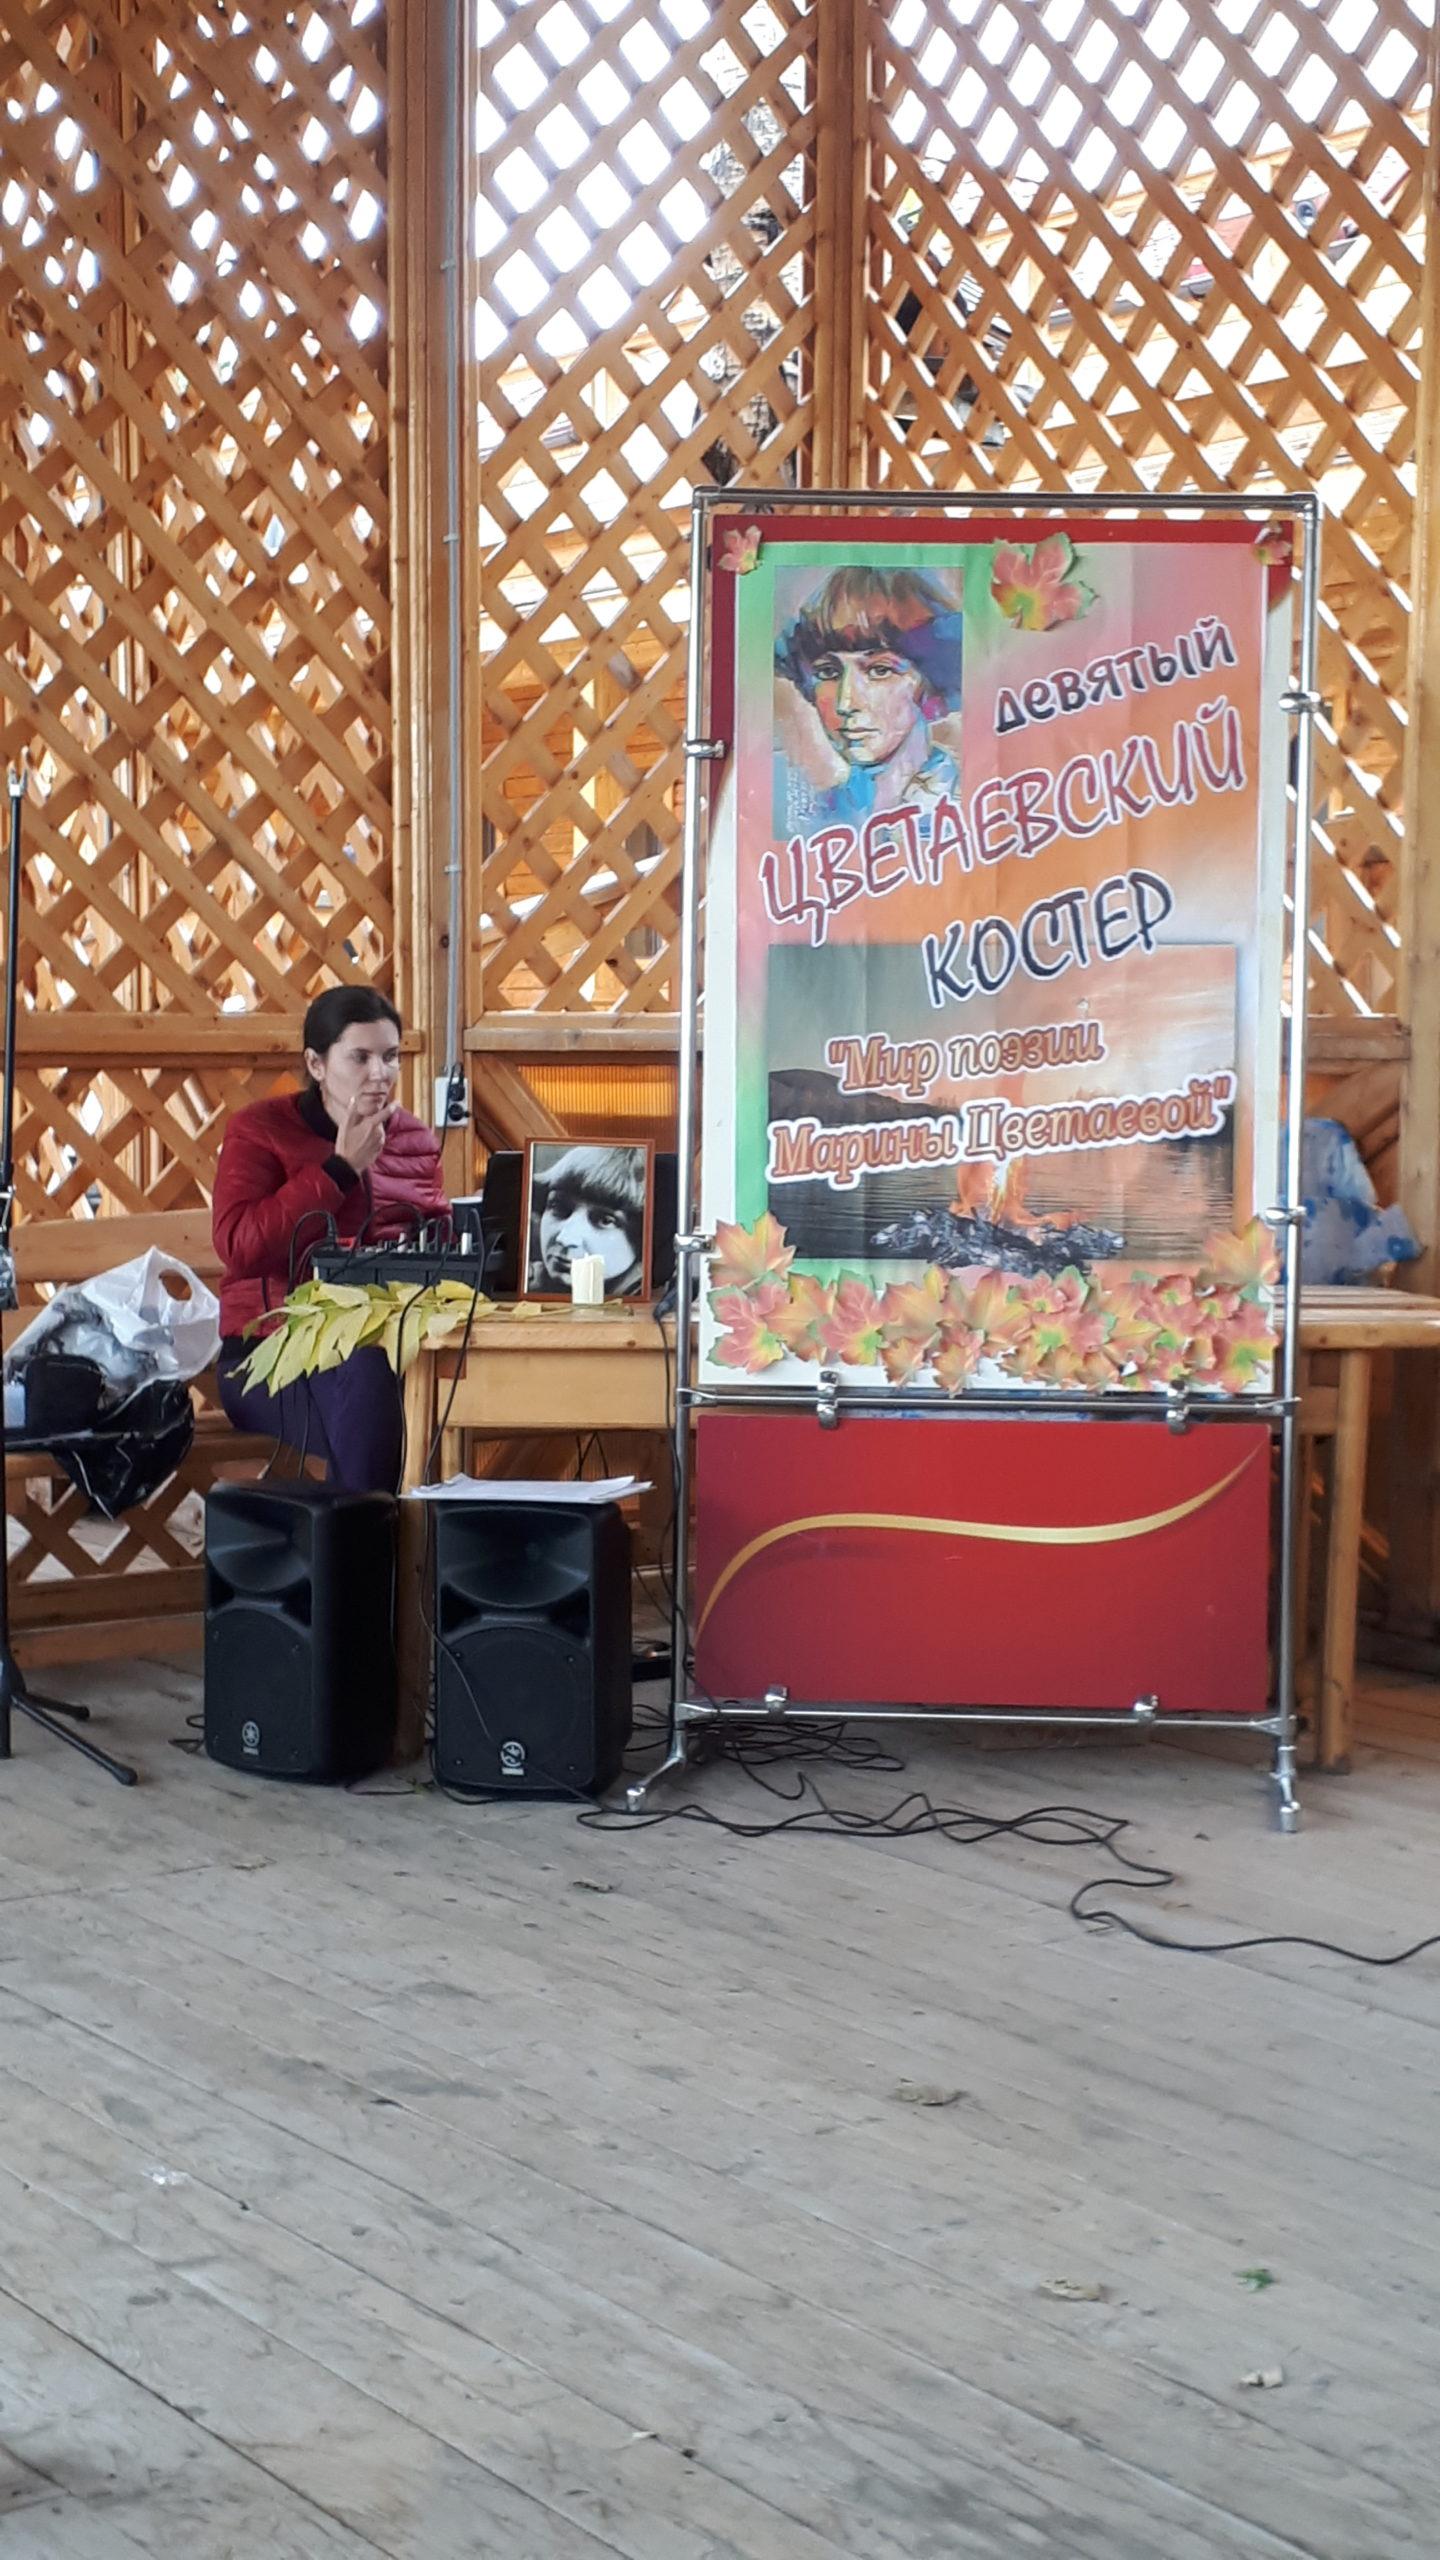 Поэтический фестиваль –  Цветаевский костёр «Мир поэзии Марины Цветаевой».